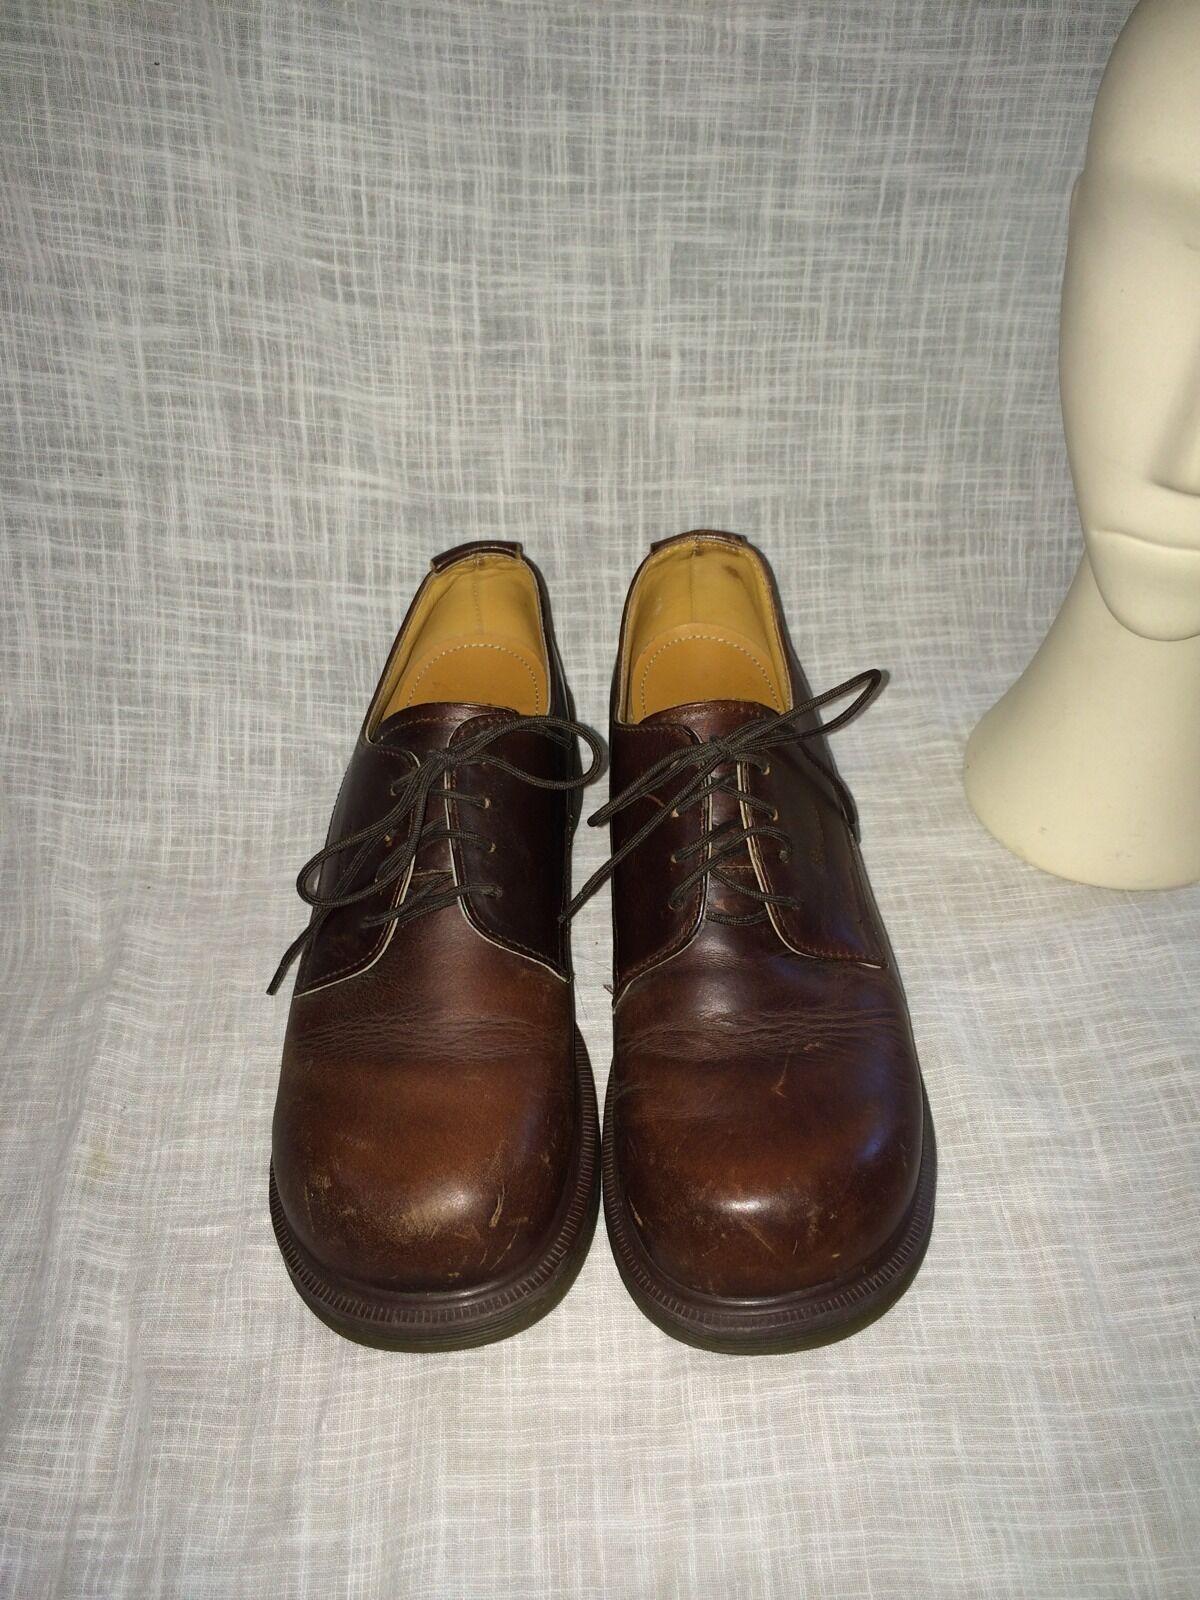 Dr. Martens Braun Schuhes Stiefel Damens UK 7